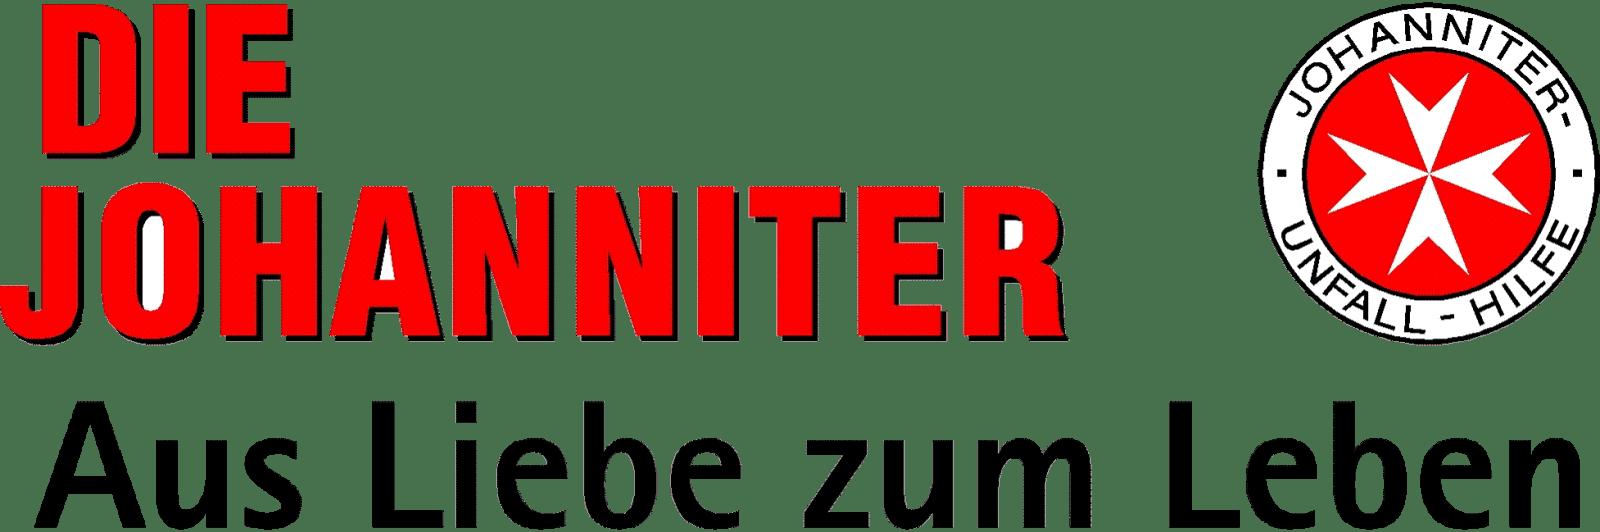 Johanniter Firmenlogo